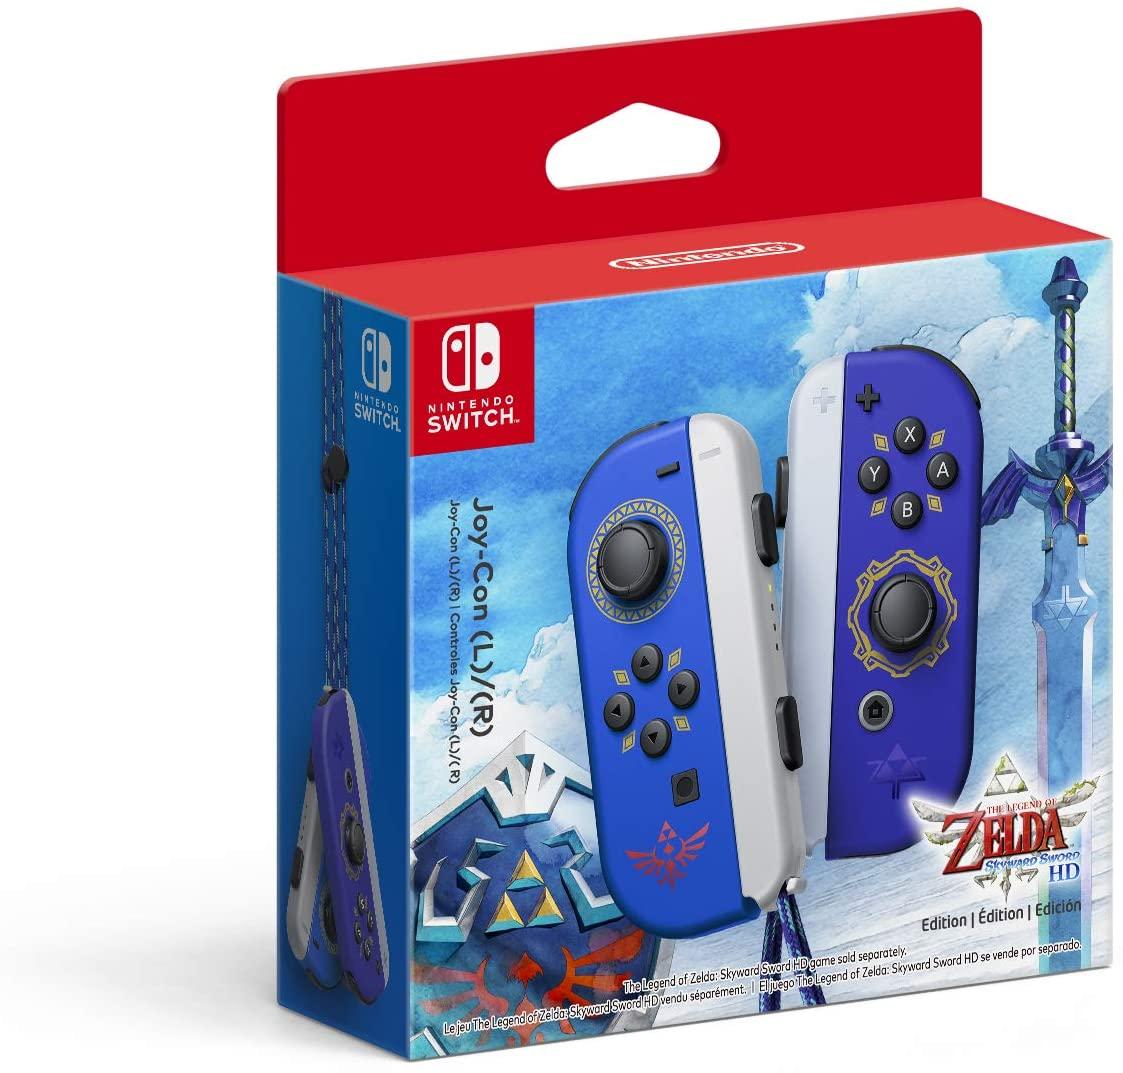 Joy-Con edición The Legend of Zelda: Skyward Sword HD